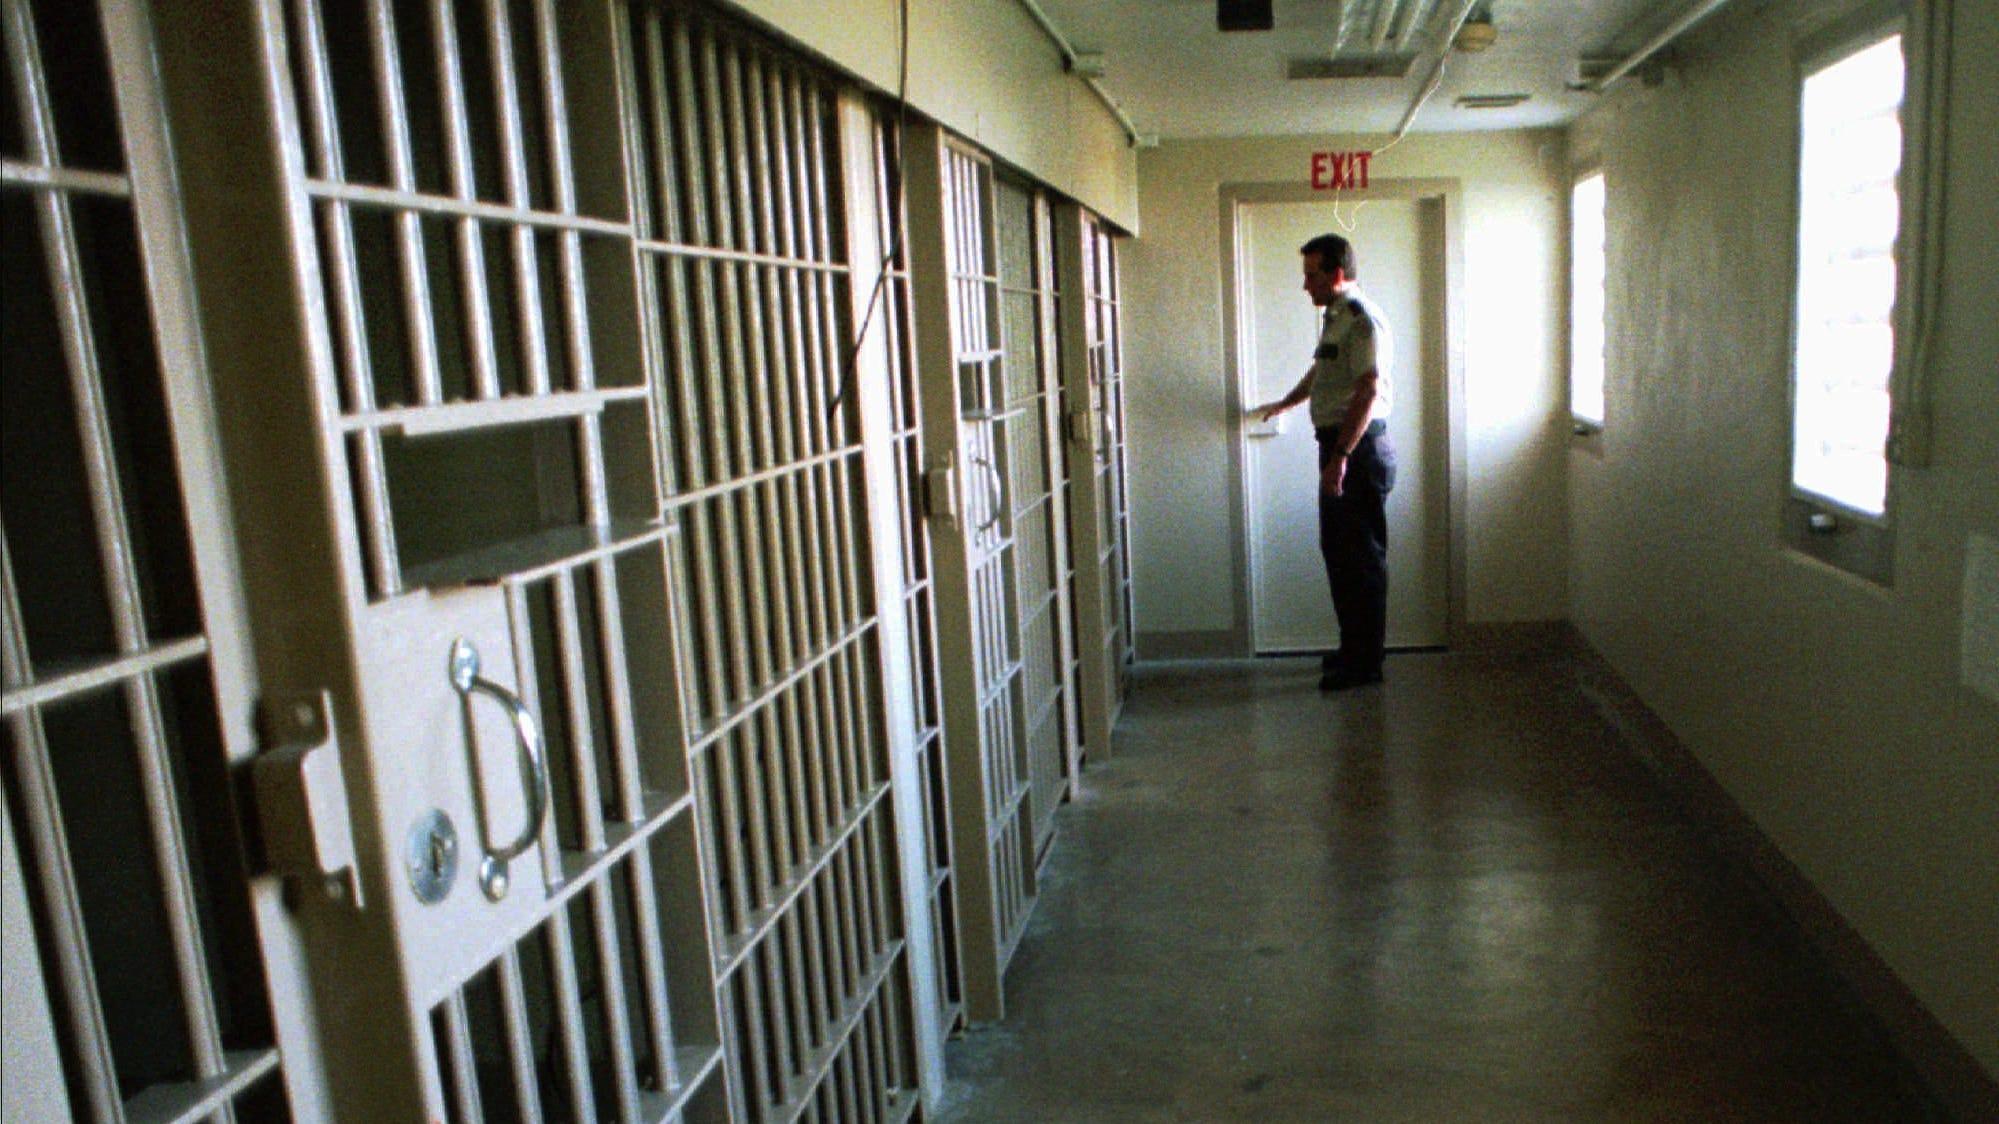 A prison in Florida